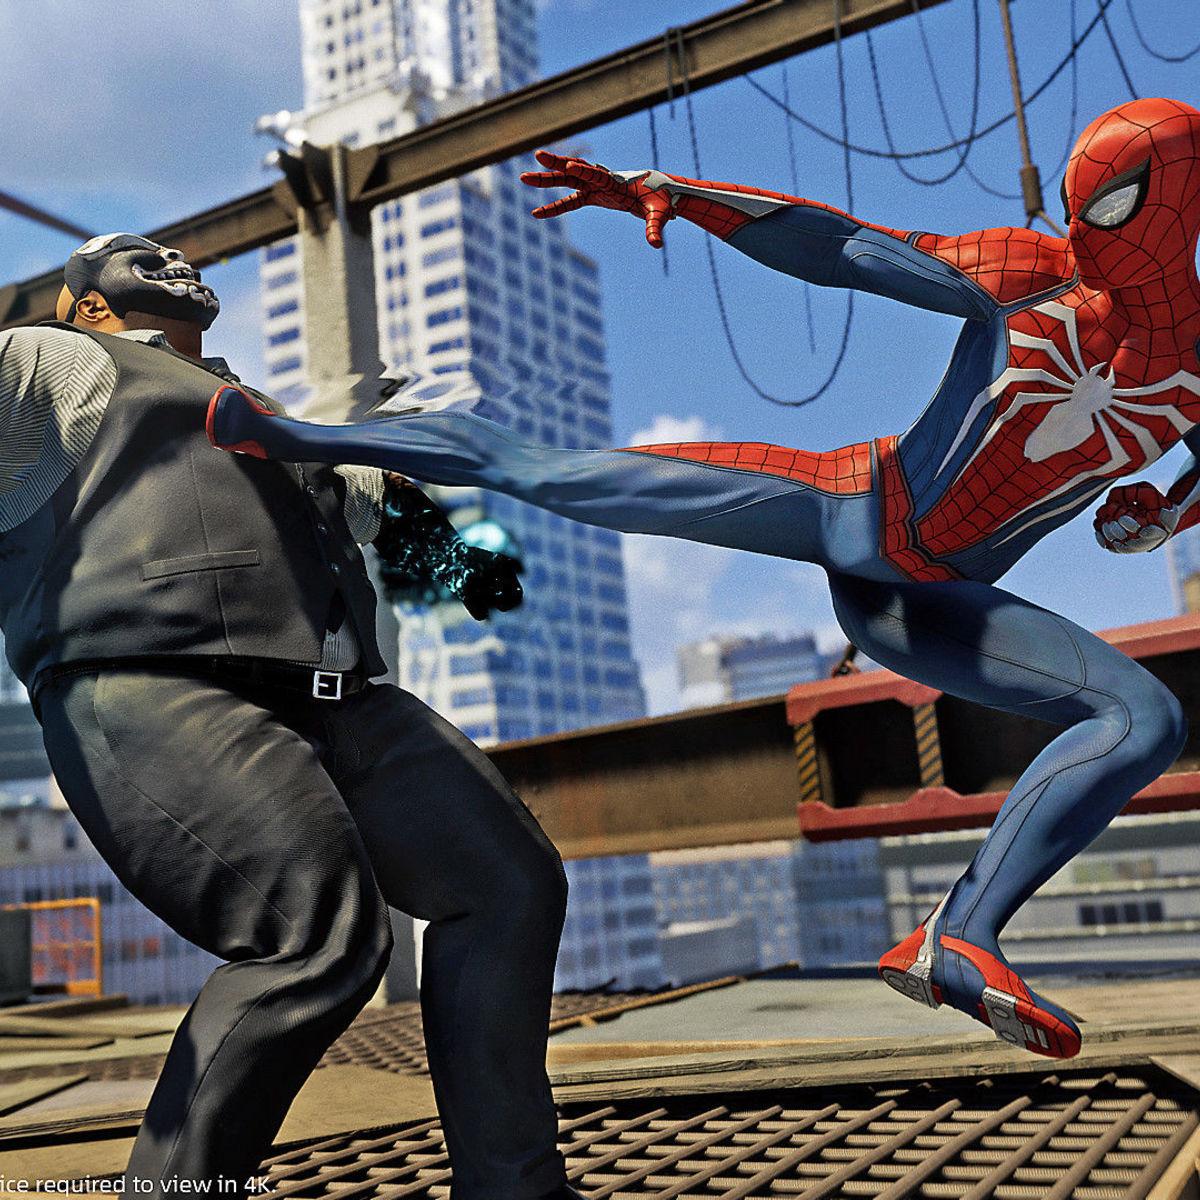 Spider-Man - Kick